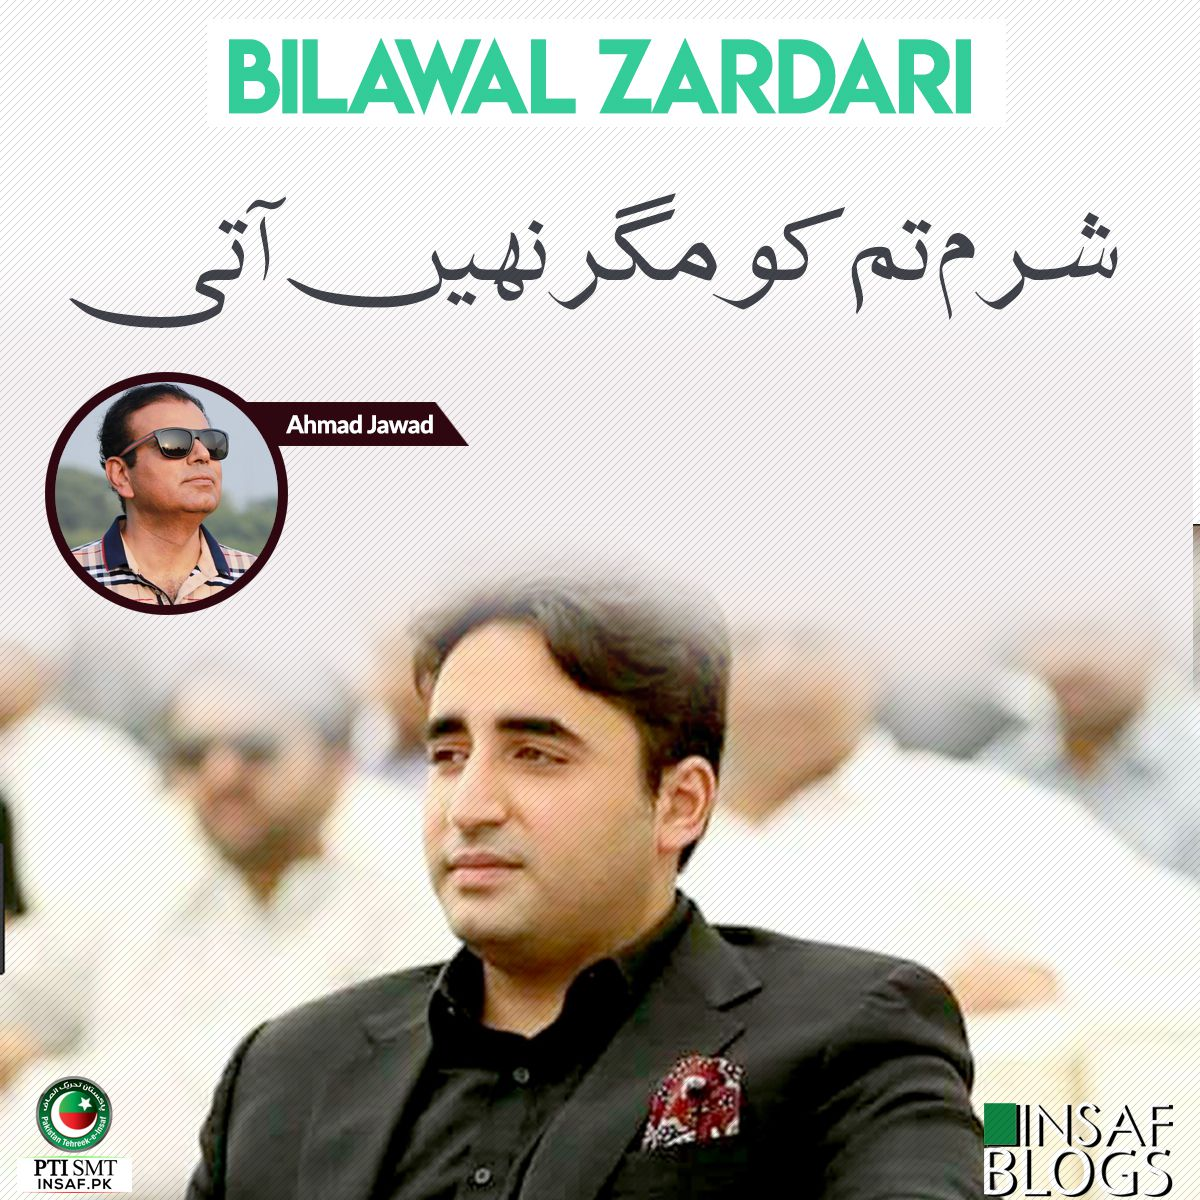 Insaf Blog on Bilawal Zardari